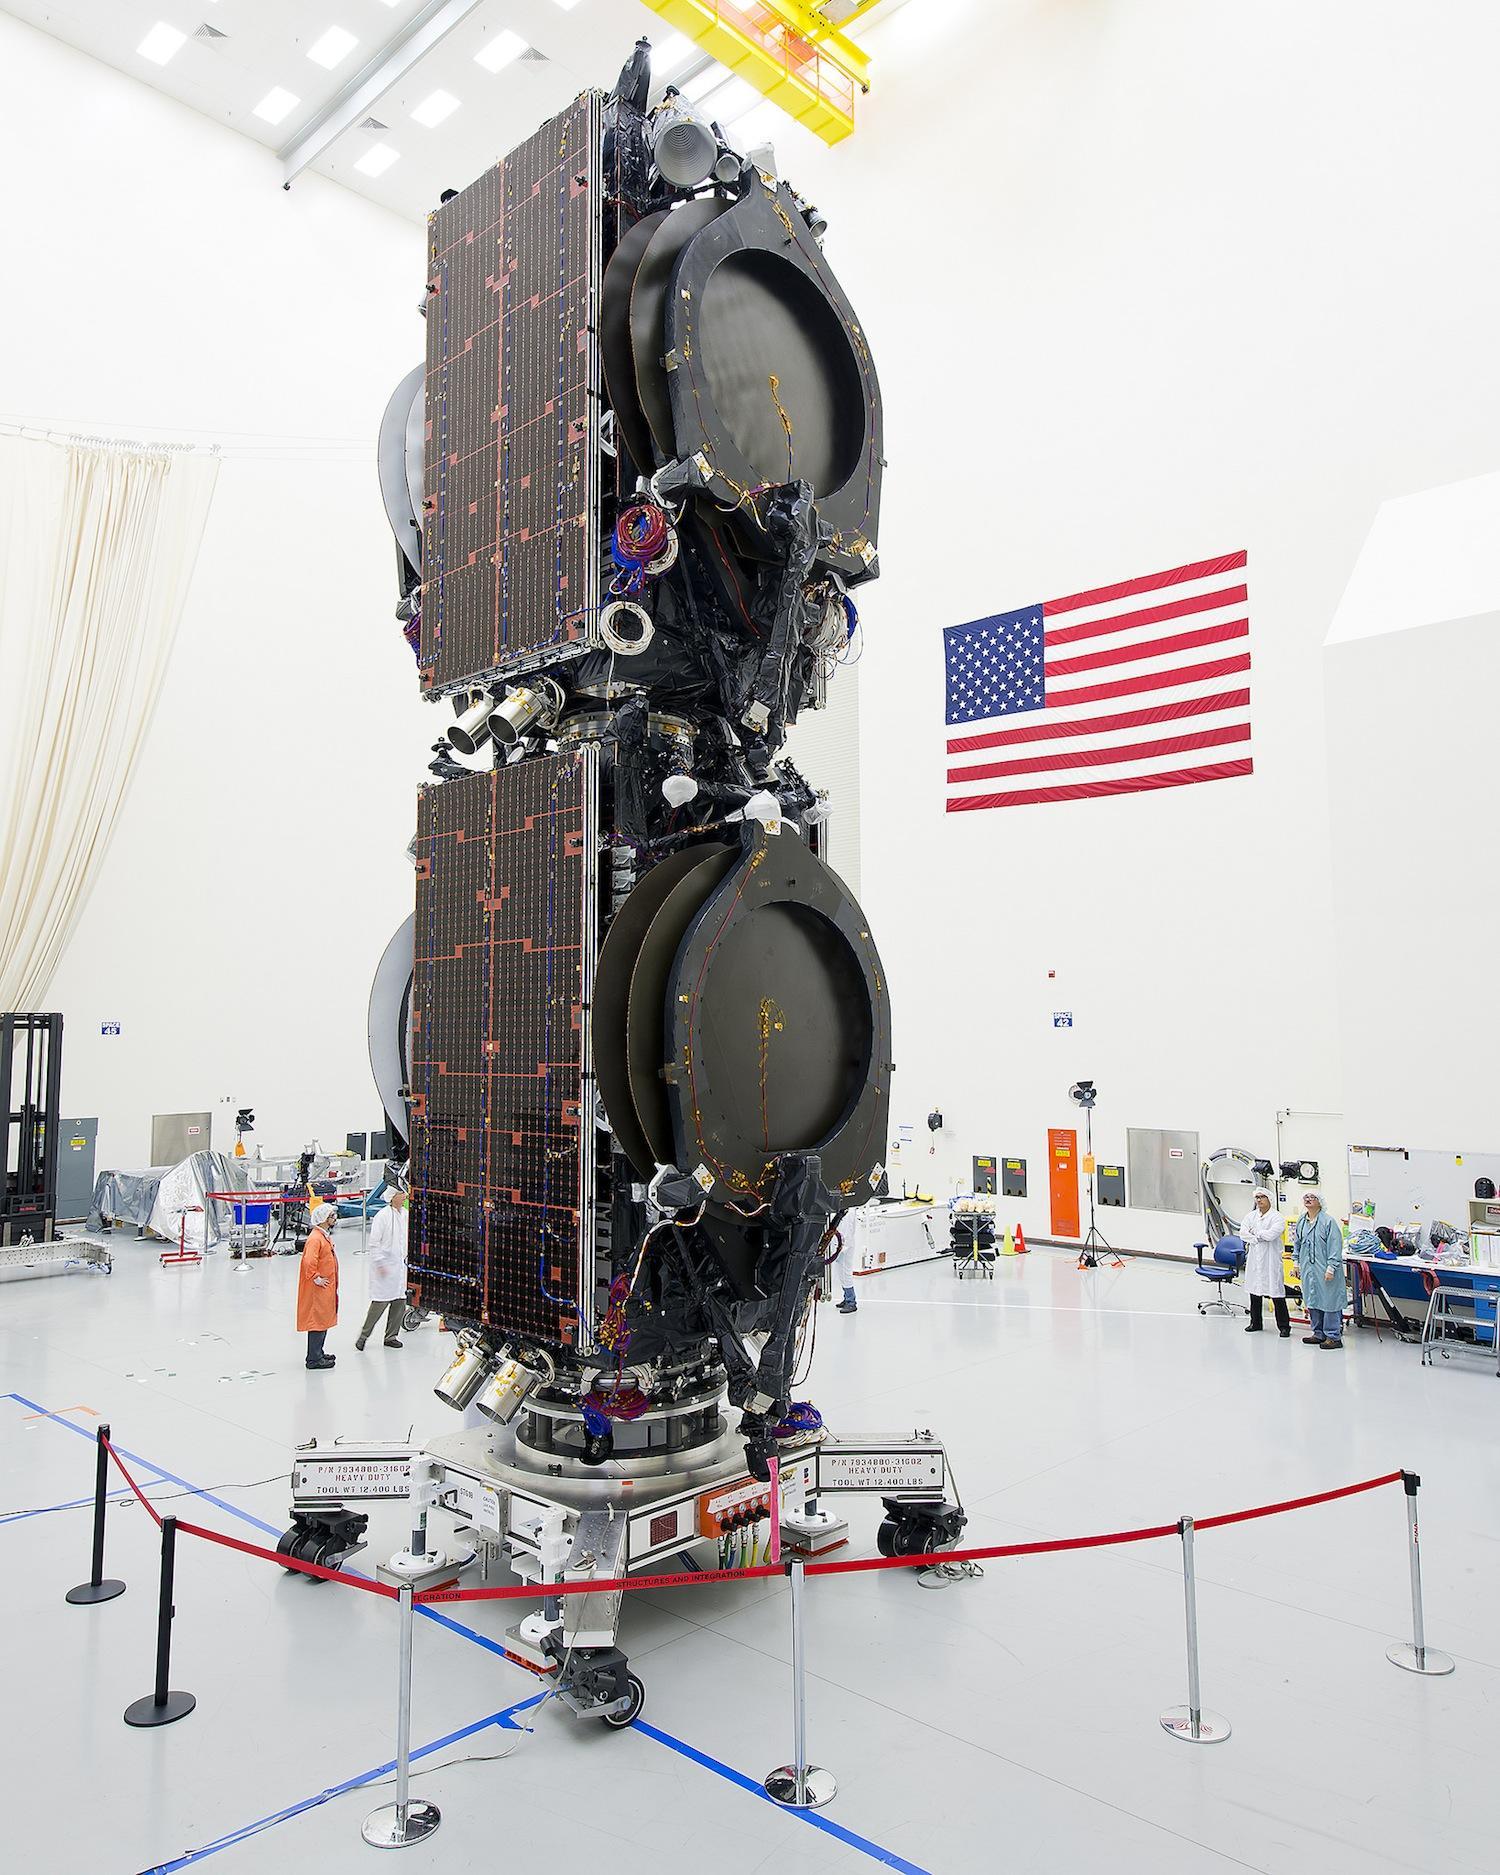 ABS-3A von Boeing: Der Satellit wiegt 1950 kg und wird im All von einem Ionenstrahl bewegt.